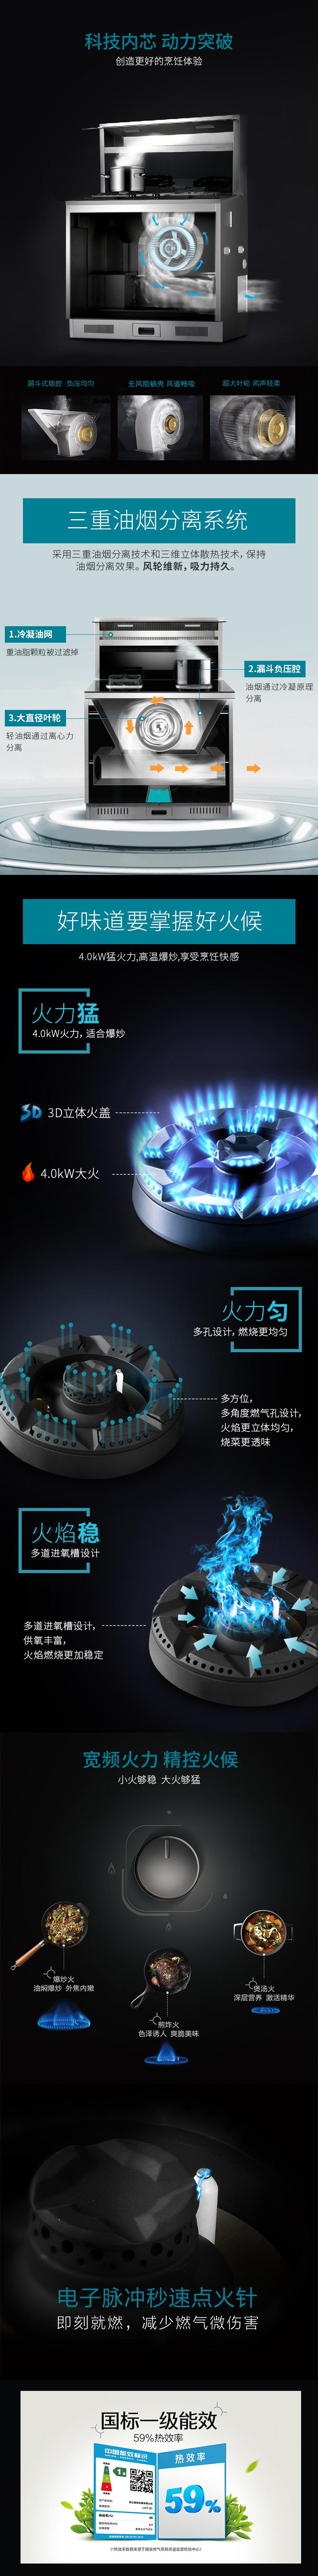 森歌Q1集成灶产品介绍